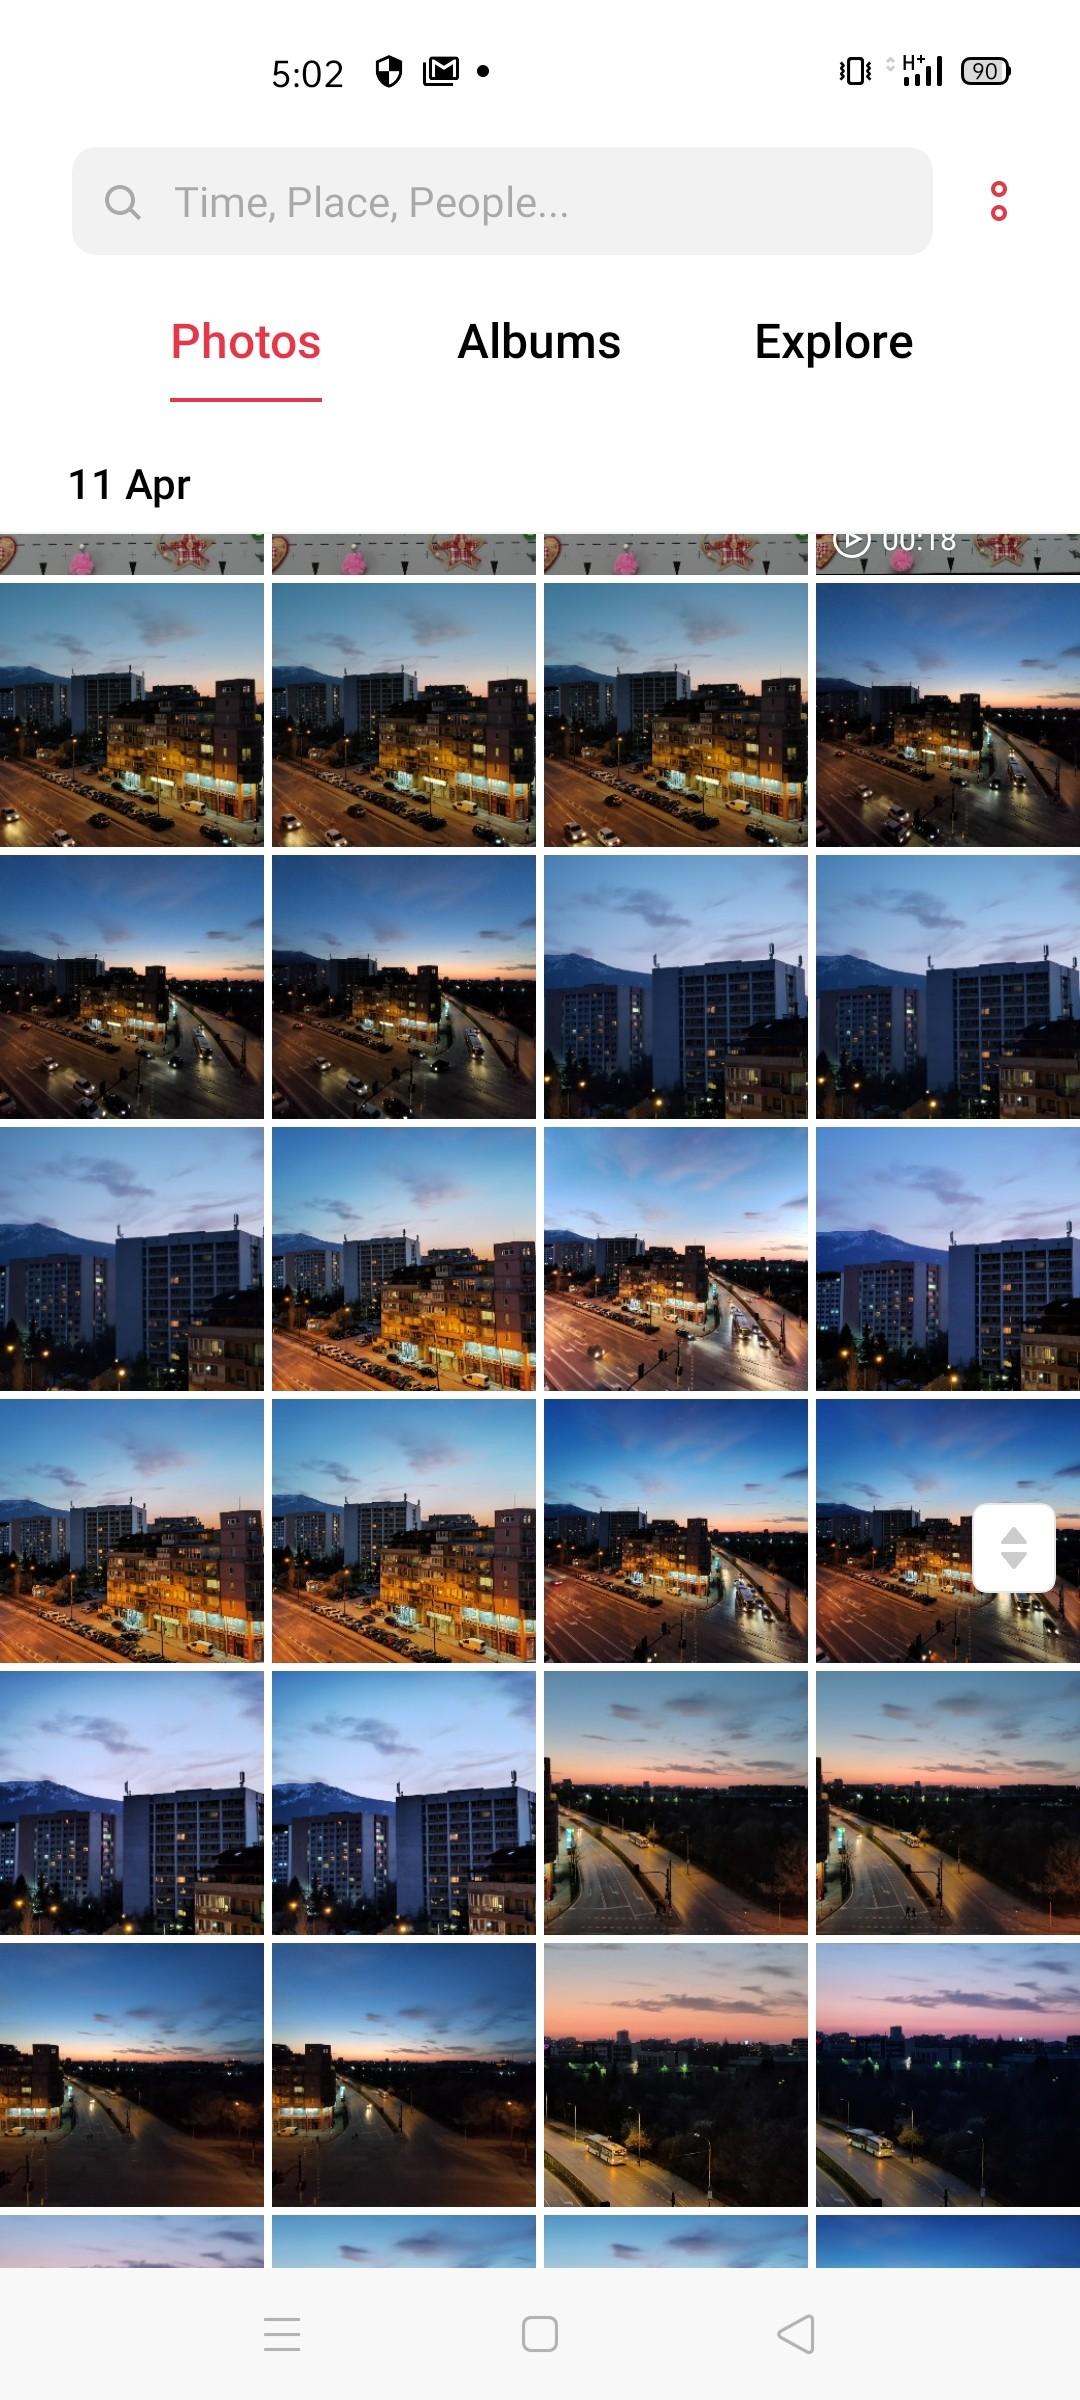 روکیدا | بررسی کامل و تخصصی گوشی Realme X50 Pro: سرشاخ با بزرگان! | نقد و بررسی, نقد و بررسی گوشی موبایل